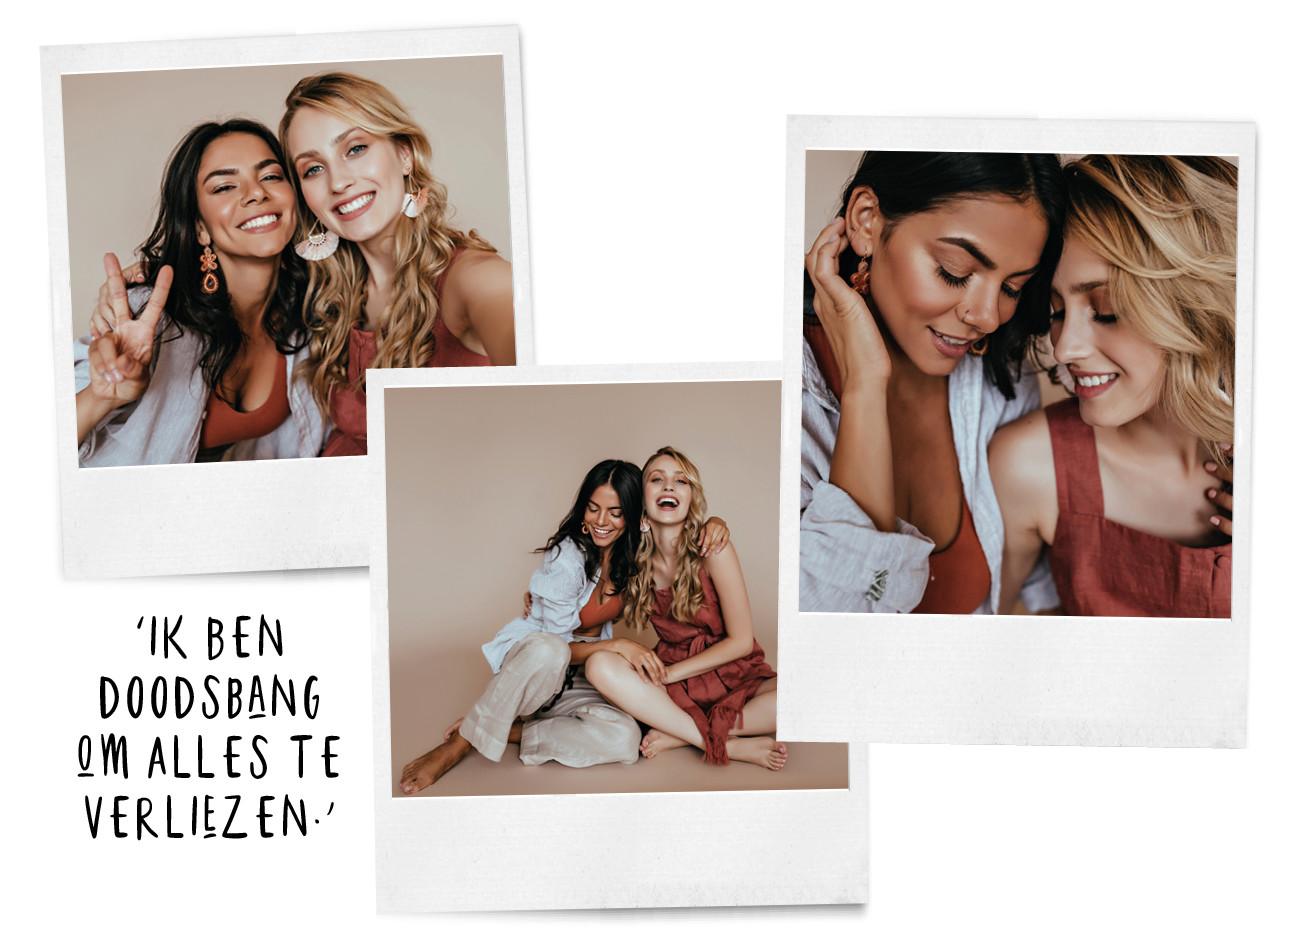 2 meiden knuffelend op de foto